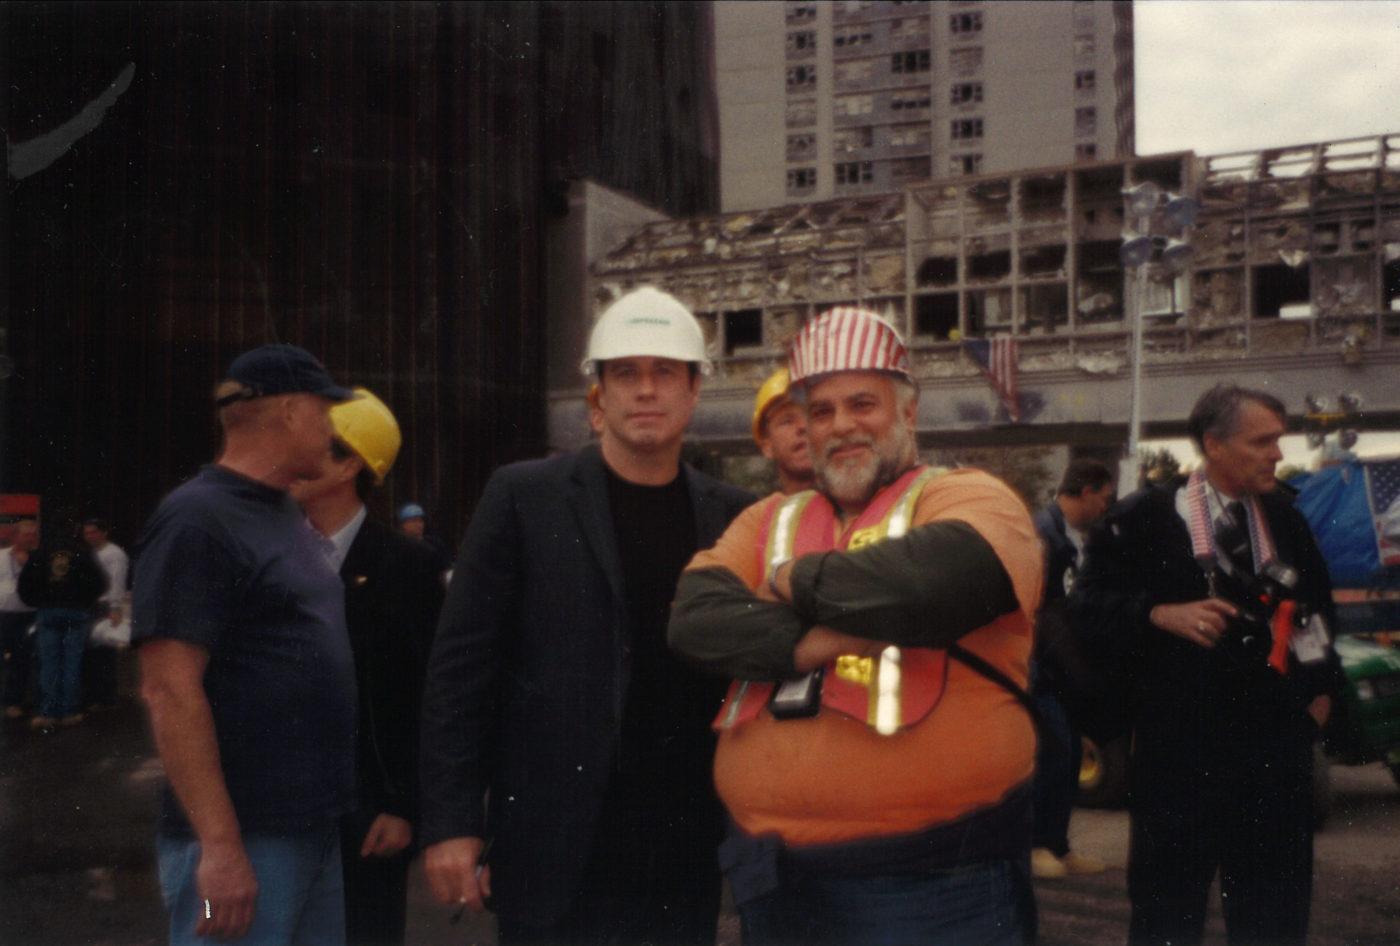 John Travolta and an Unknown Worker at Ground Zero